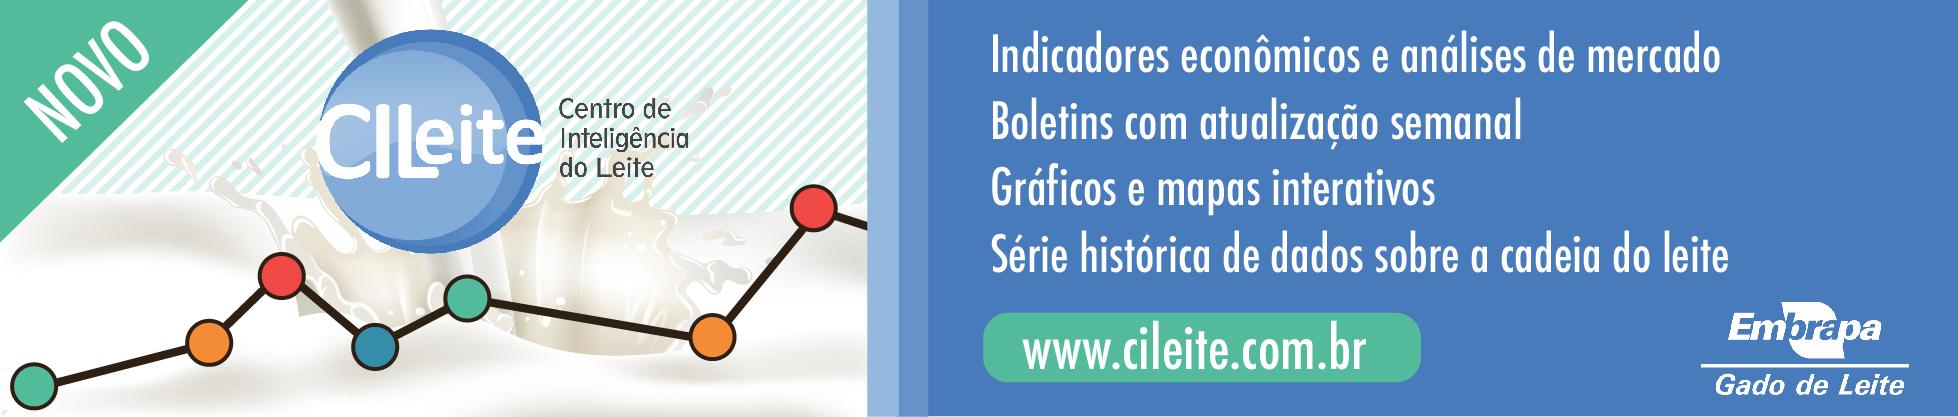 Cileite